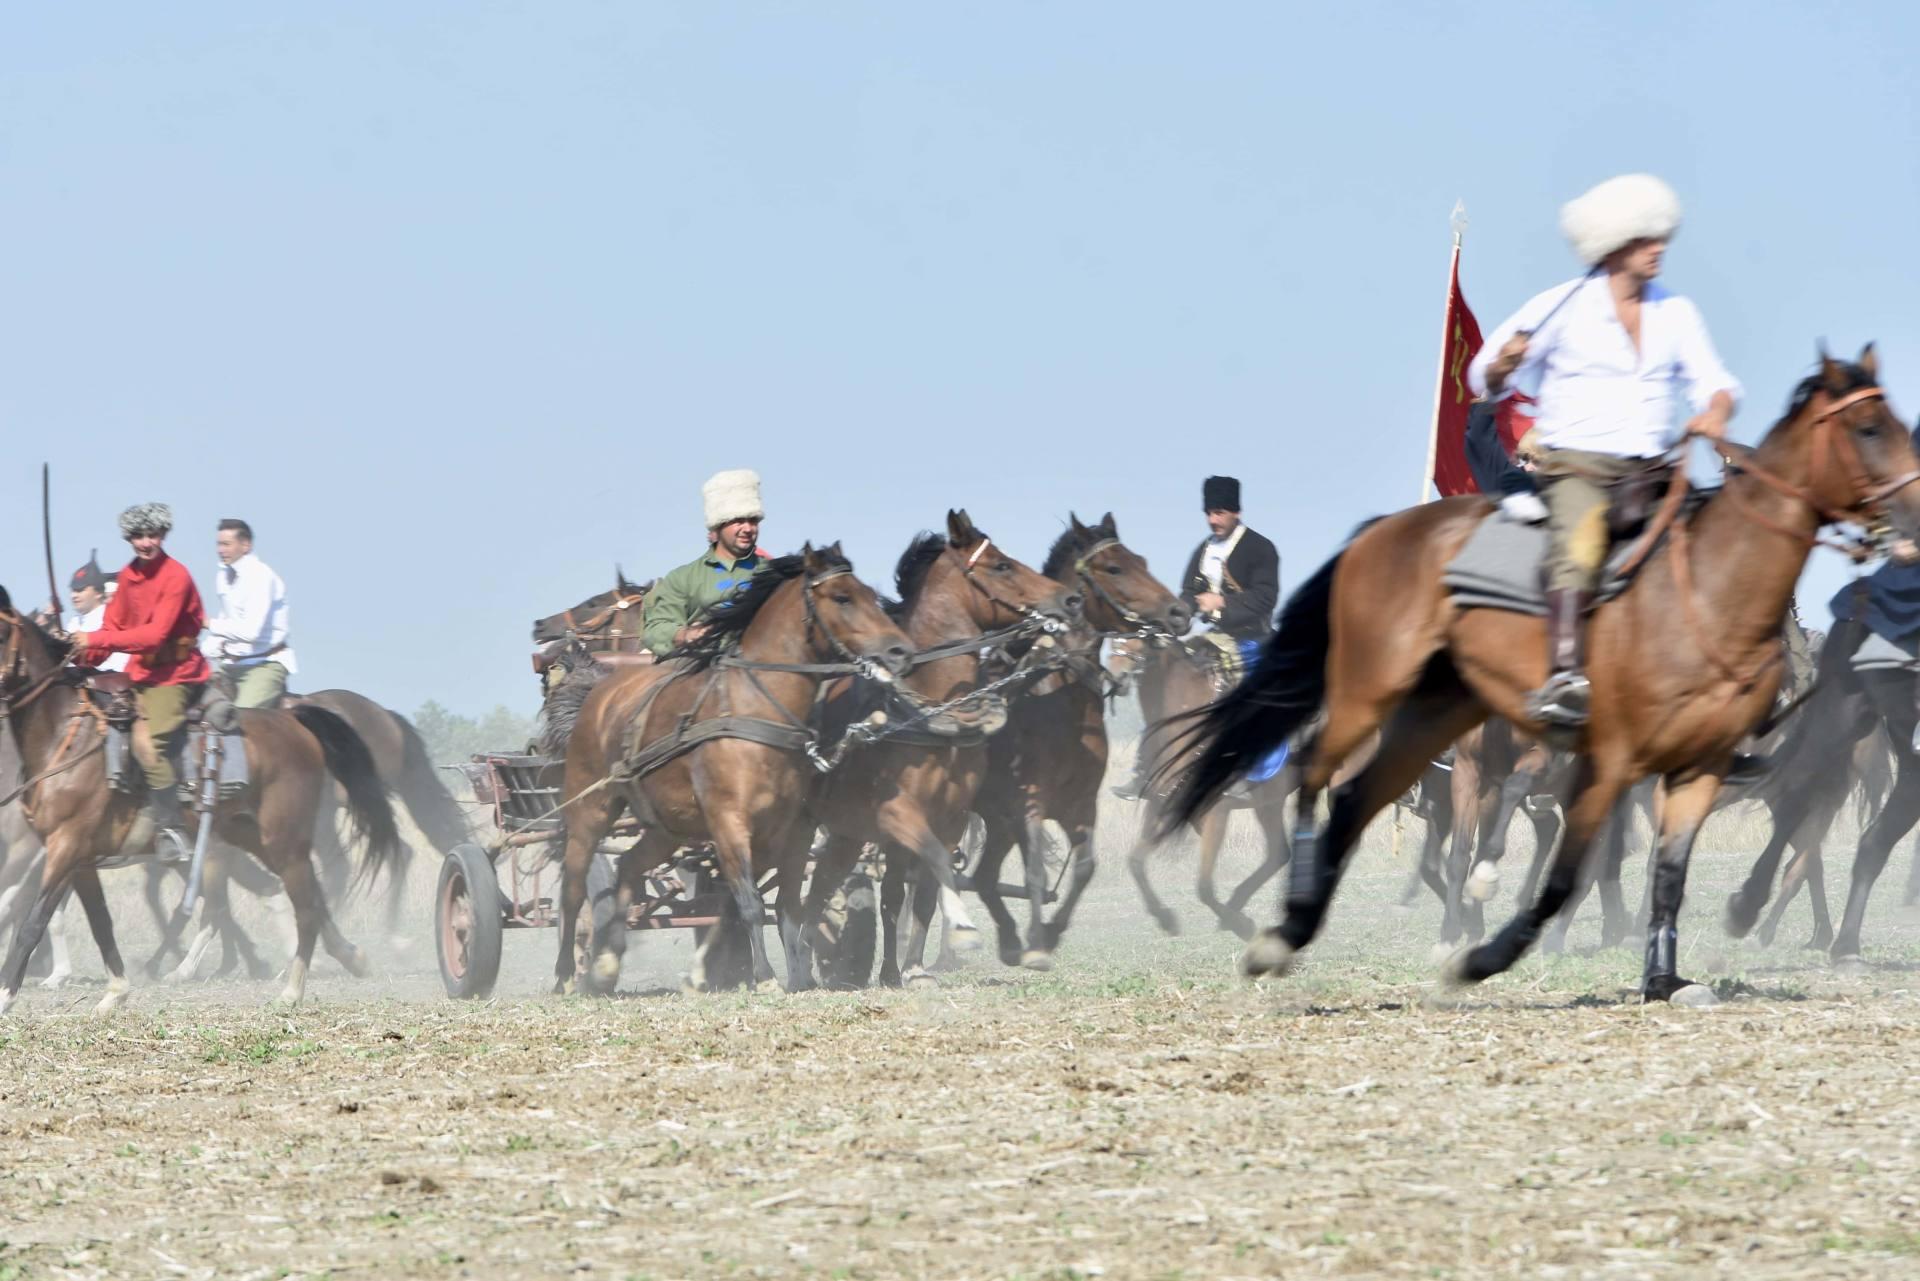 dsc 0874 Czas szabli - 100 rocznica bitwy pod Komarowem(zdjęcia)